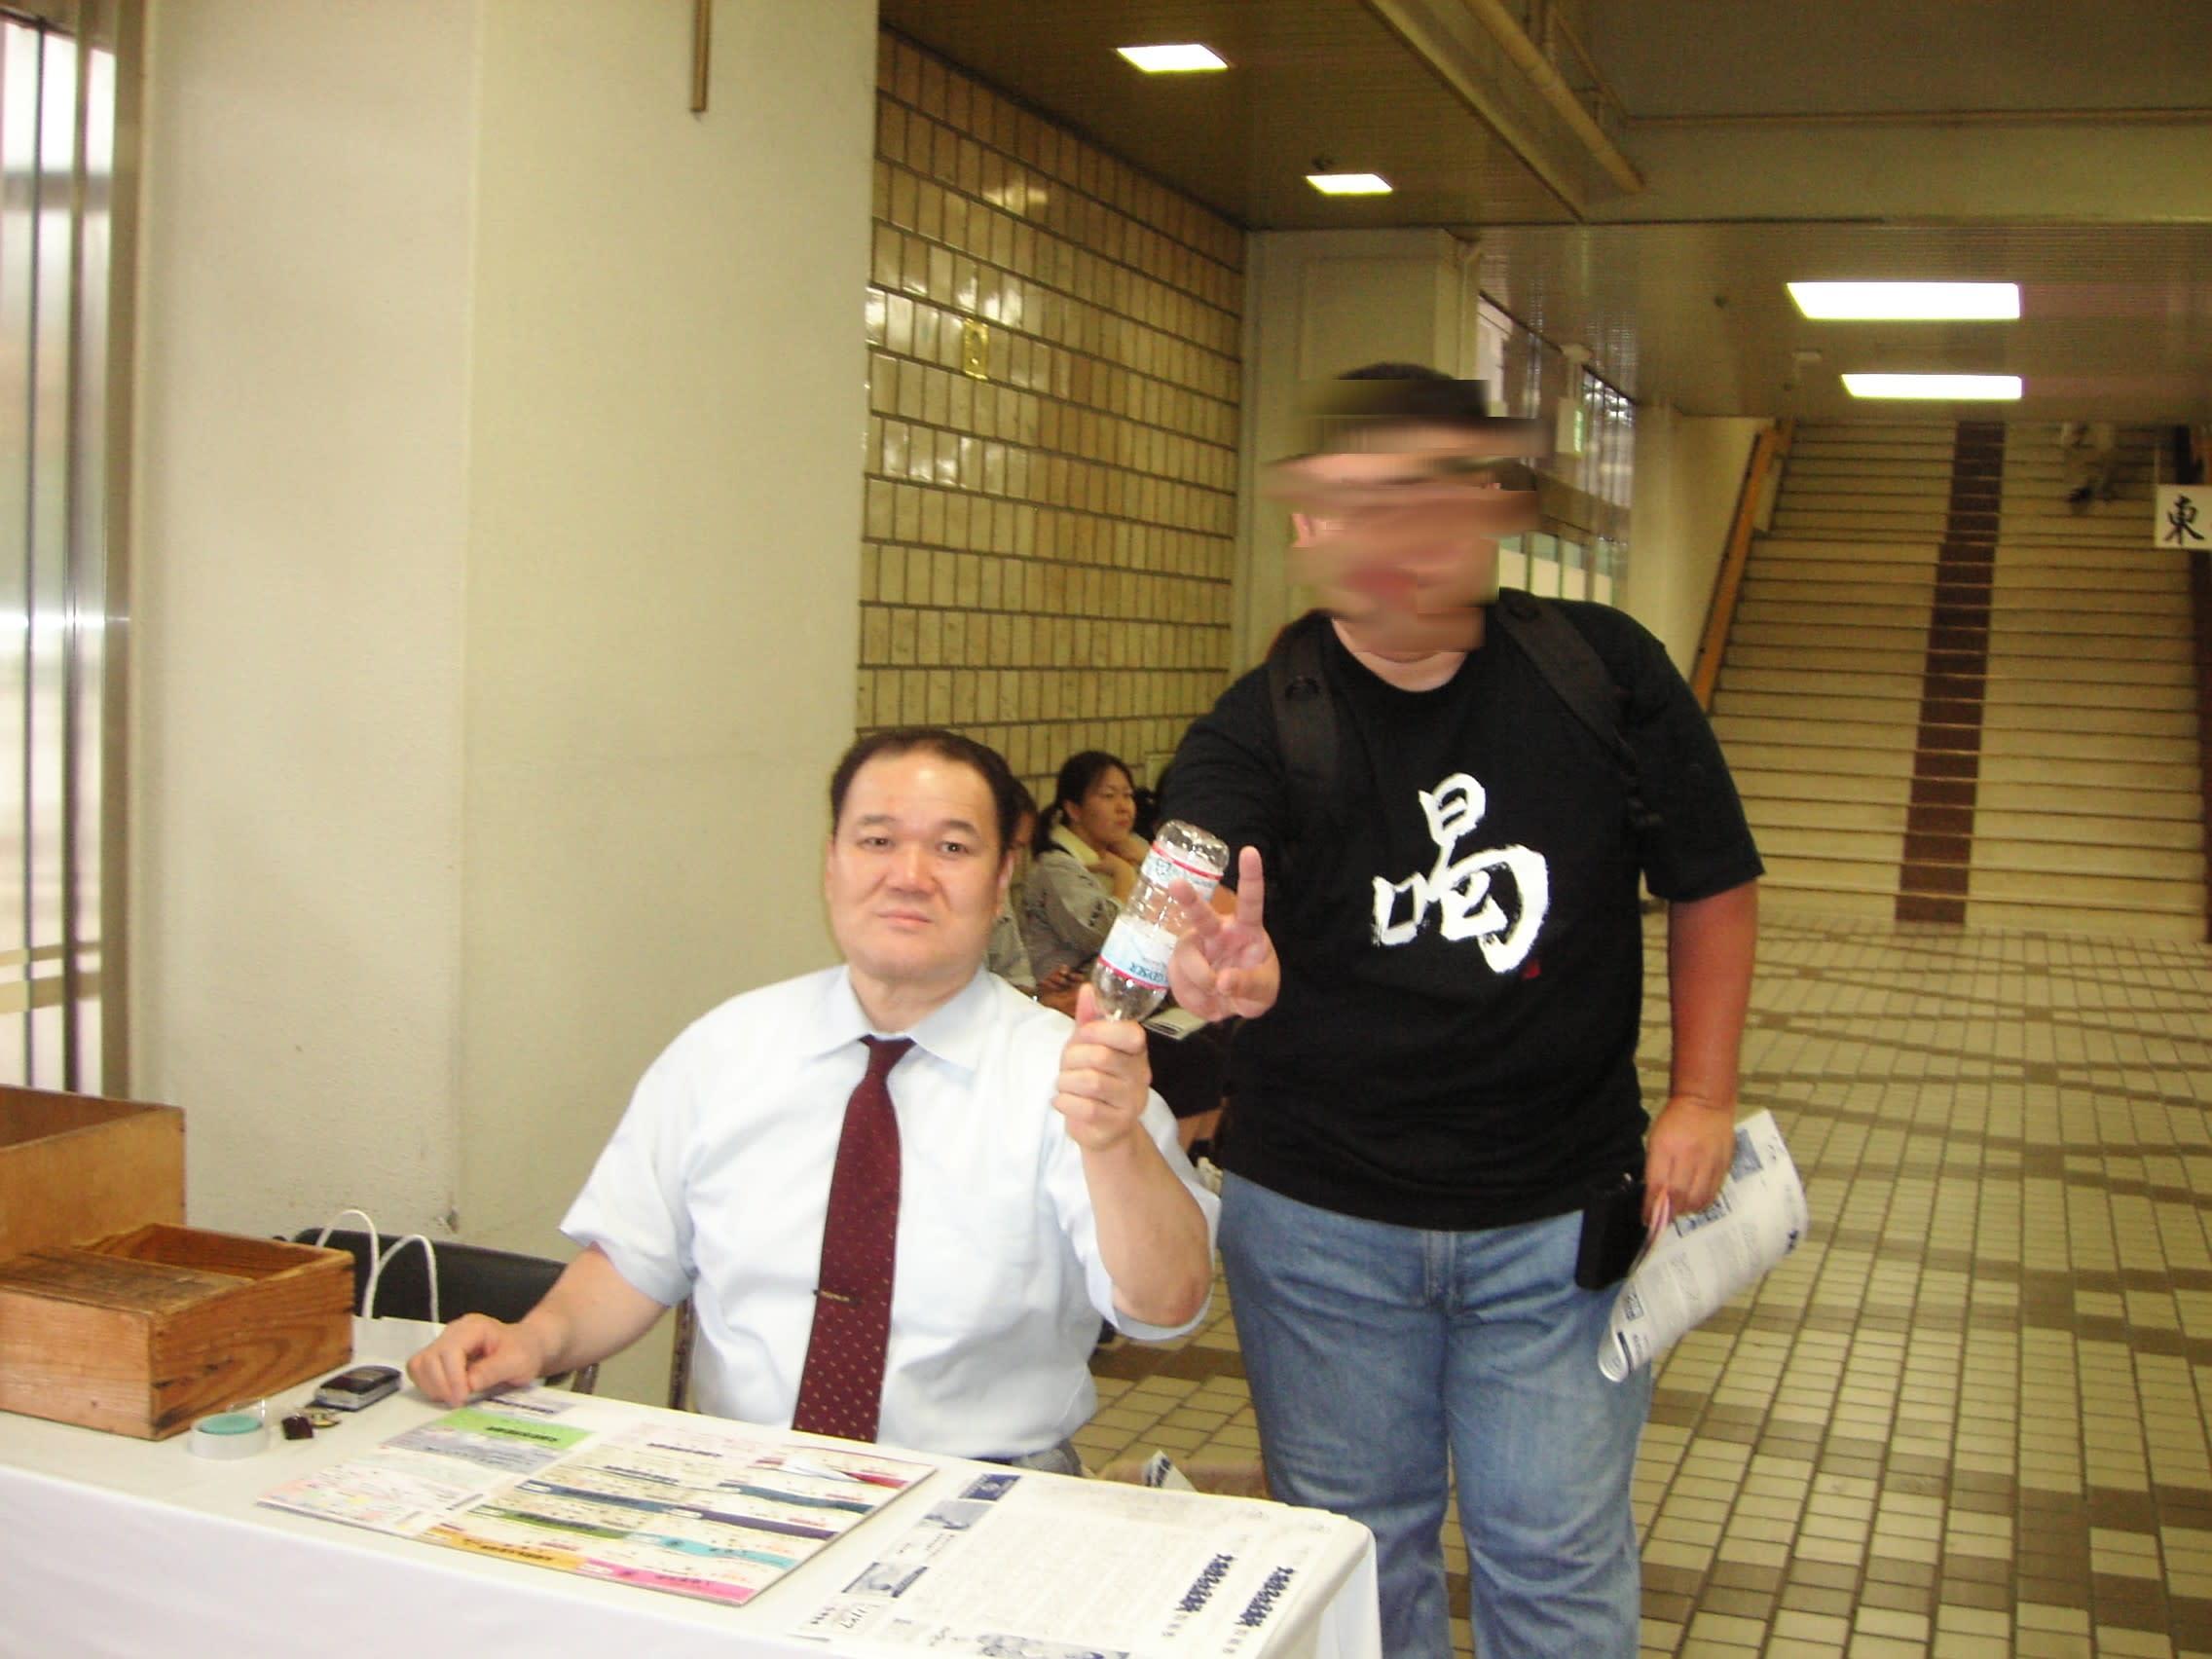 7月17日大相撲名古屋場所観戦 - シーソーバカの館